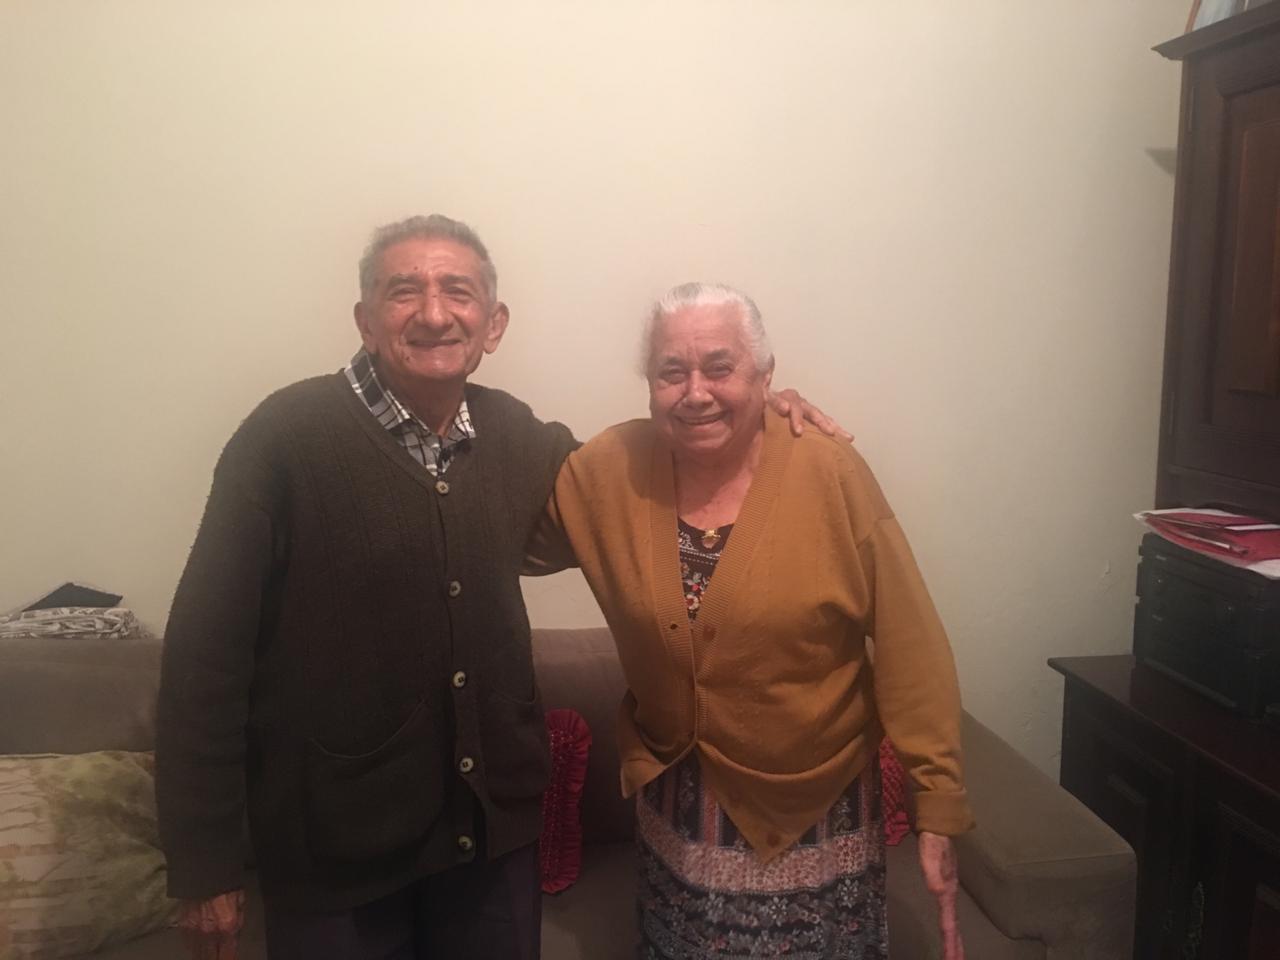 Nossa história | Rev. Alcides Oliveira de Sousa, um dos fundadores da IPD e sua esposa Francisca Feitosa de Sousa | Foto: arquivo da família (2019)